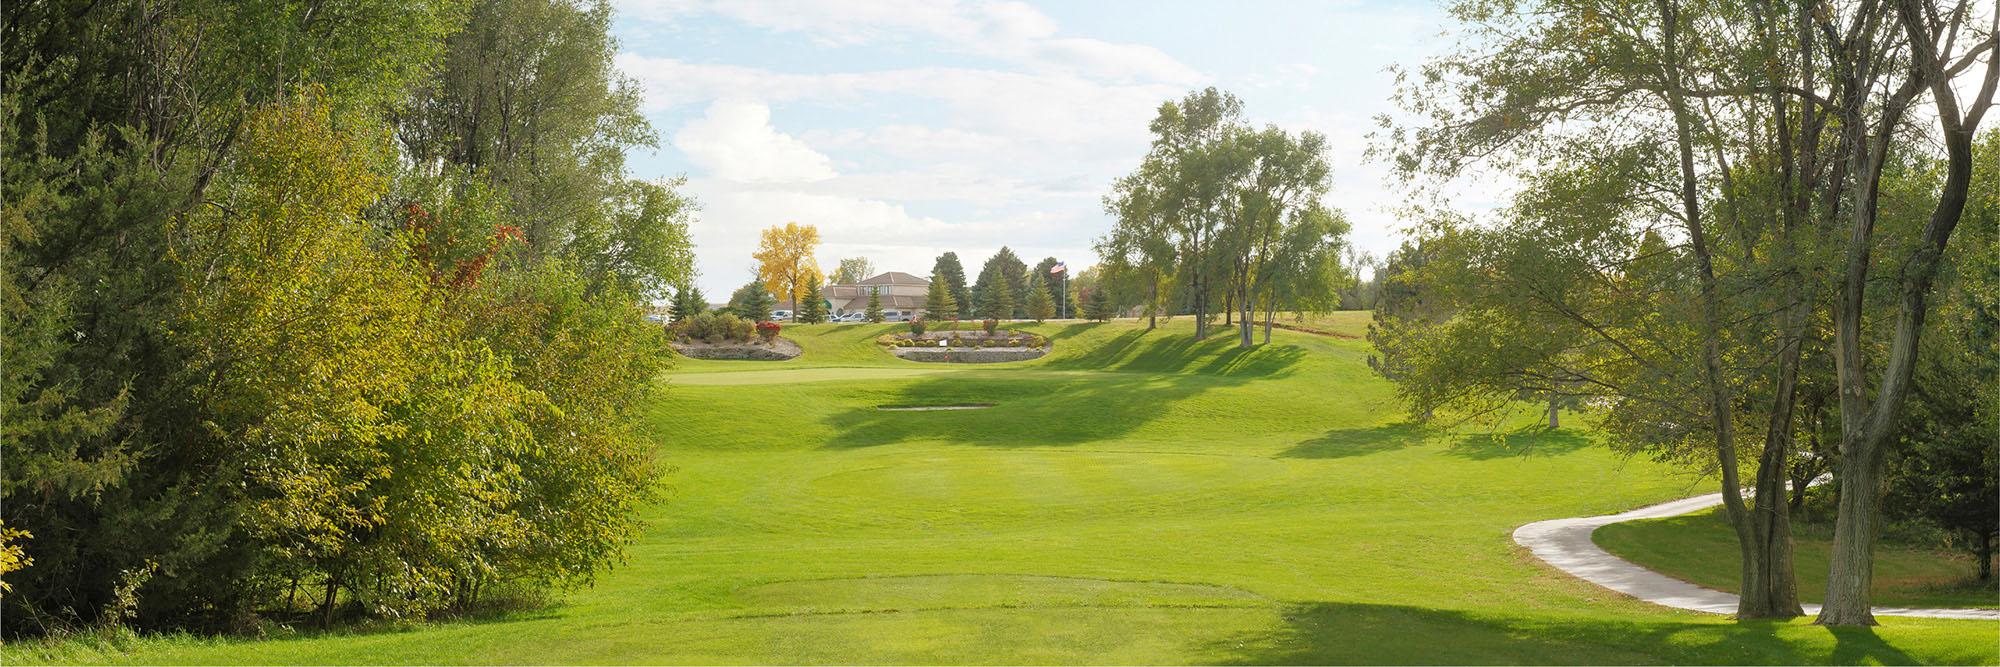 Golf Course Image - Eldorado Hills No. 5